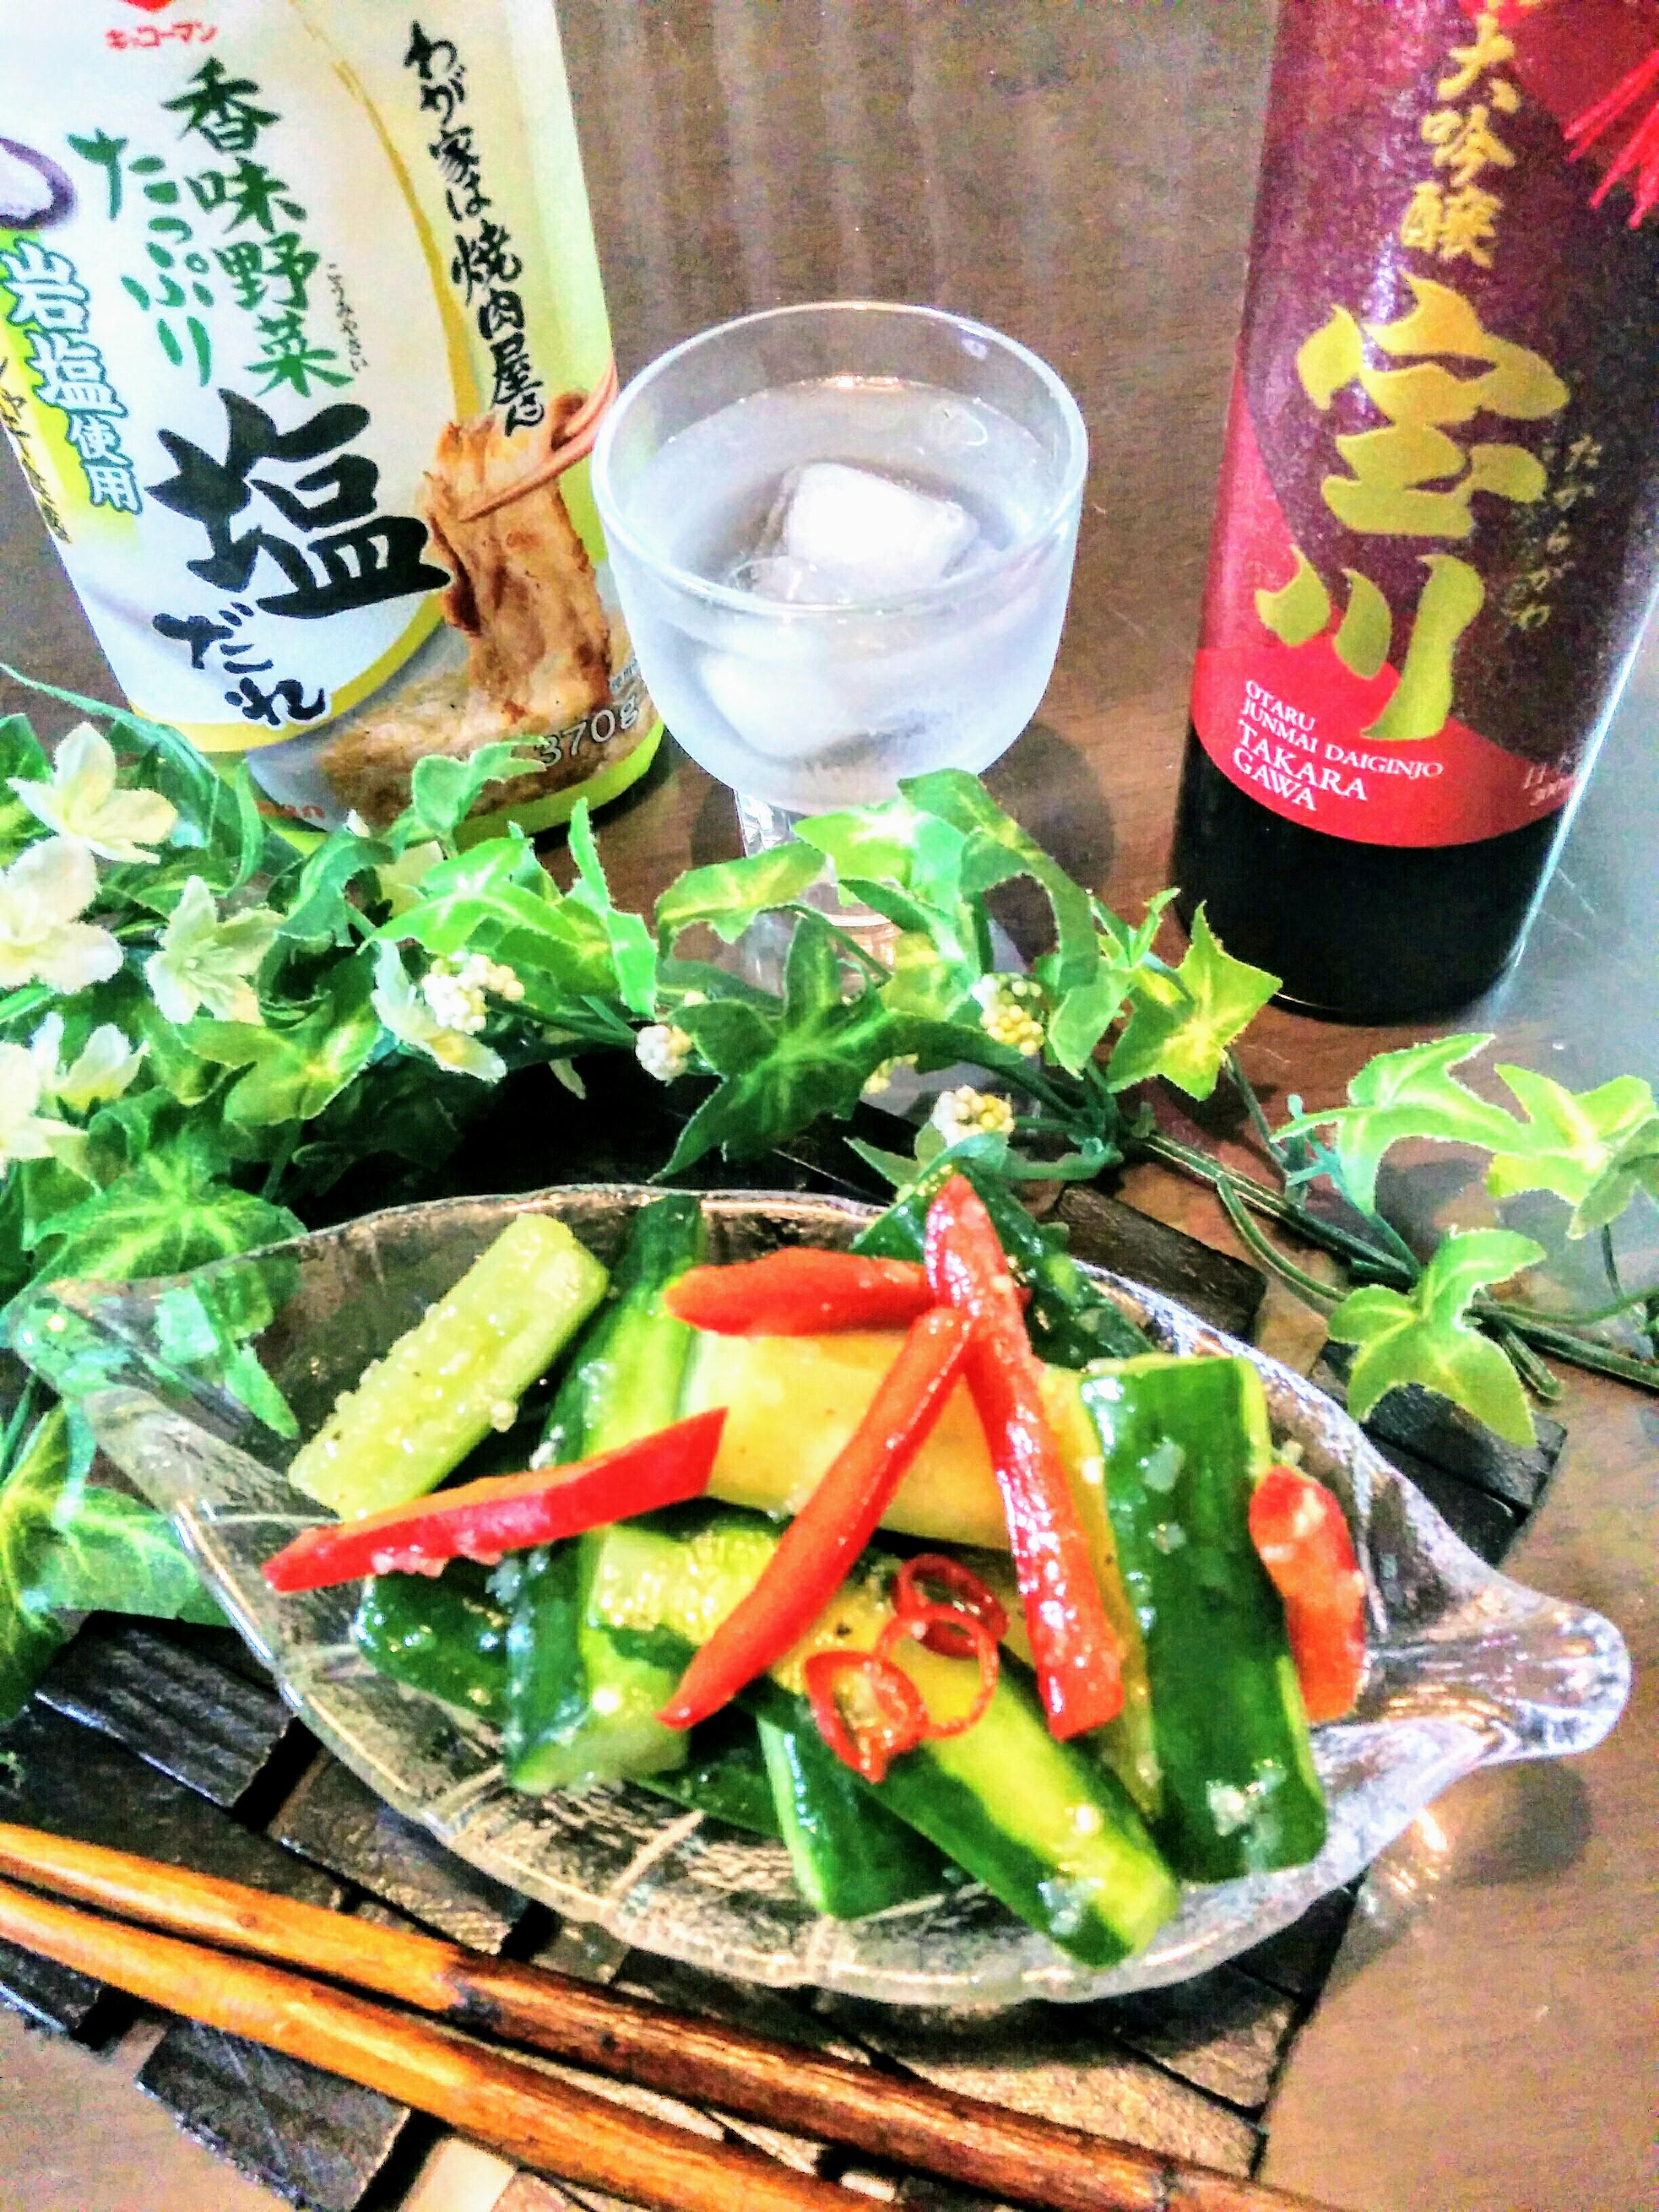 【小樽】お家御飯・焼肉のたれで簡単浅漬けグルメ案内です。